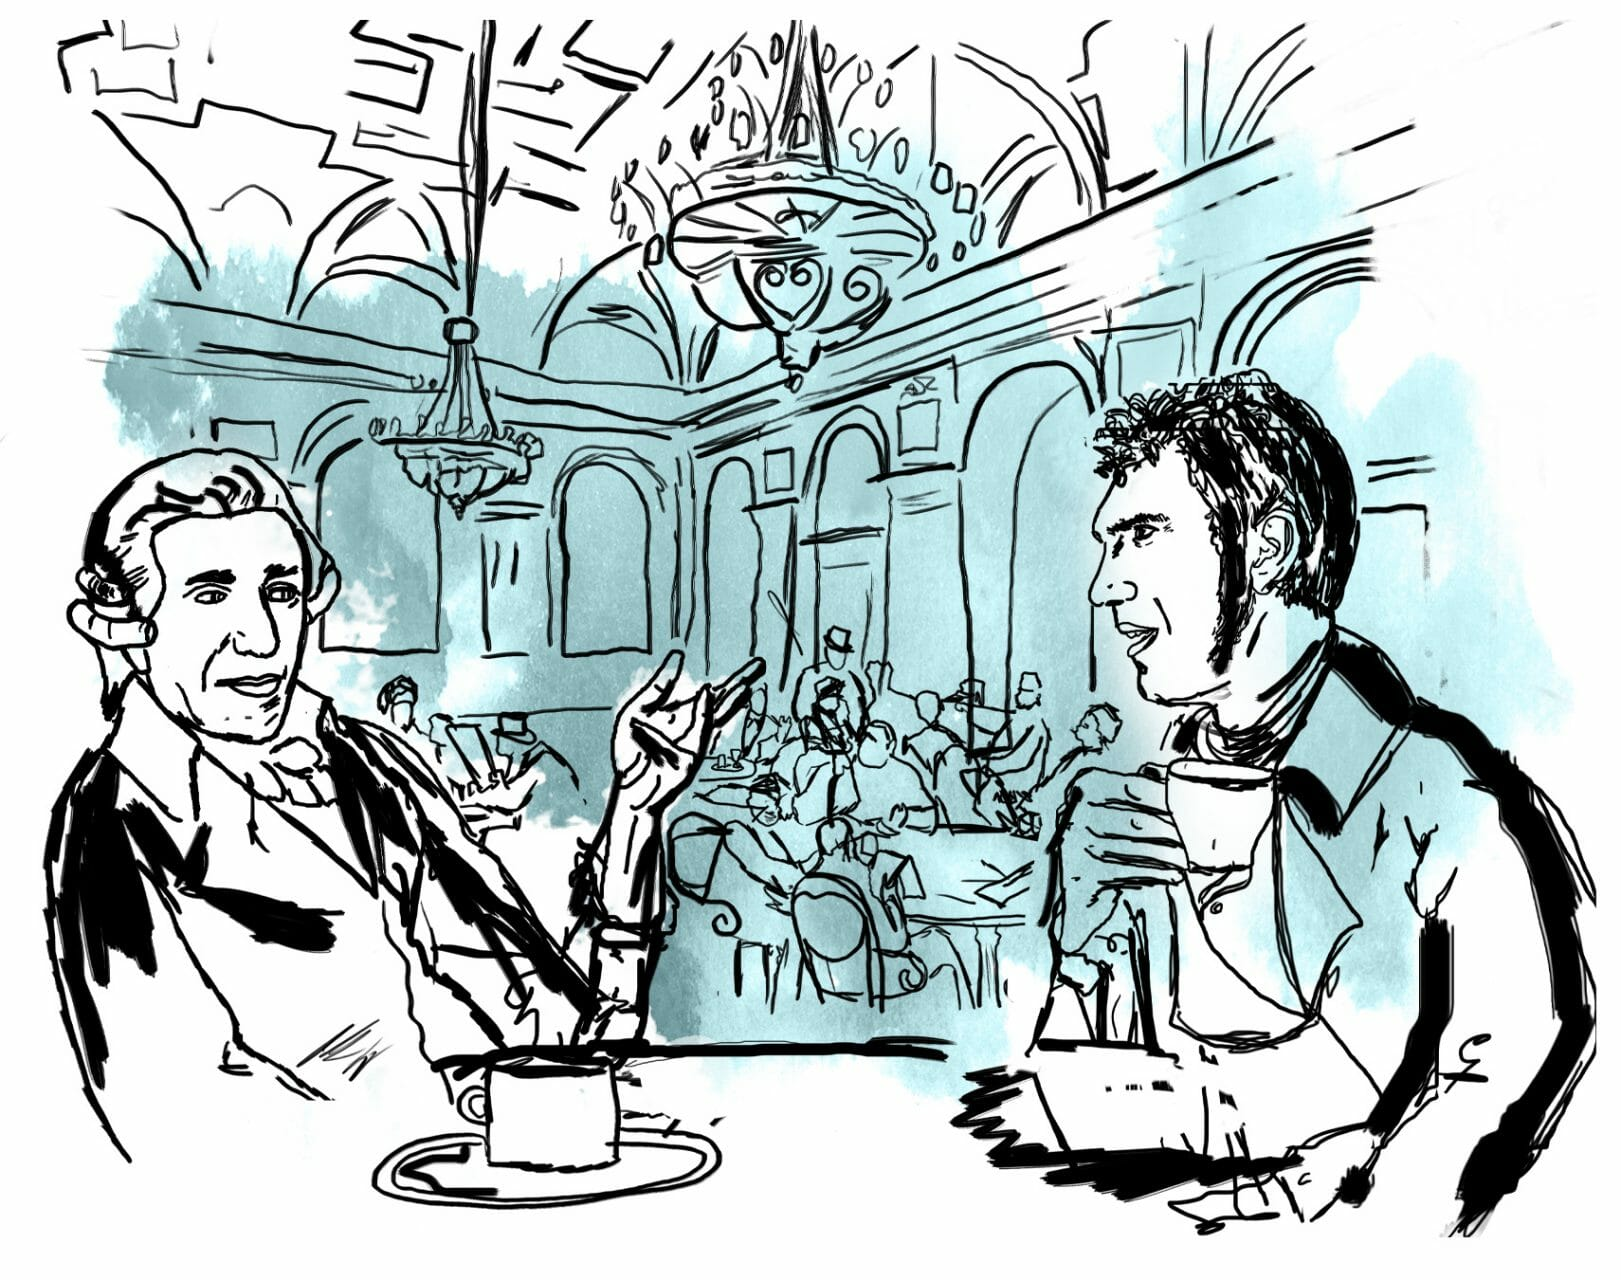 Zwei Männder sitzen in einem Caféhaus. An der Decke hängen Kronenleuchter. Auf einem Tisch stehen Tassen.